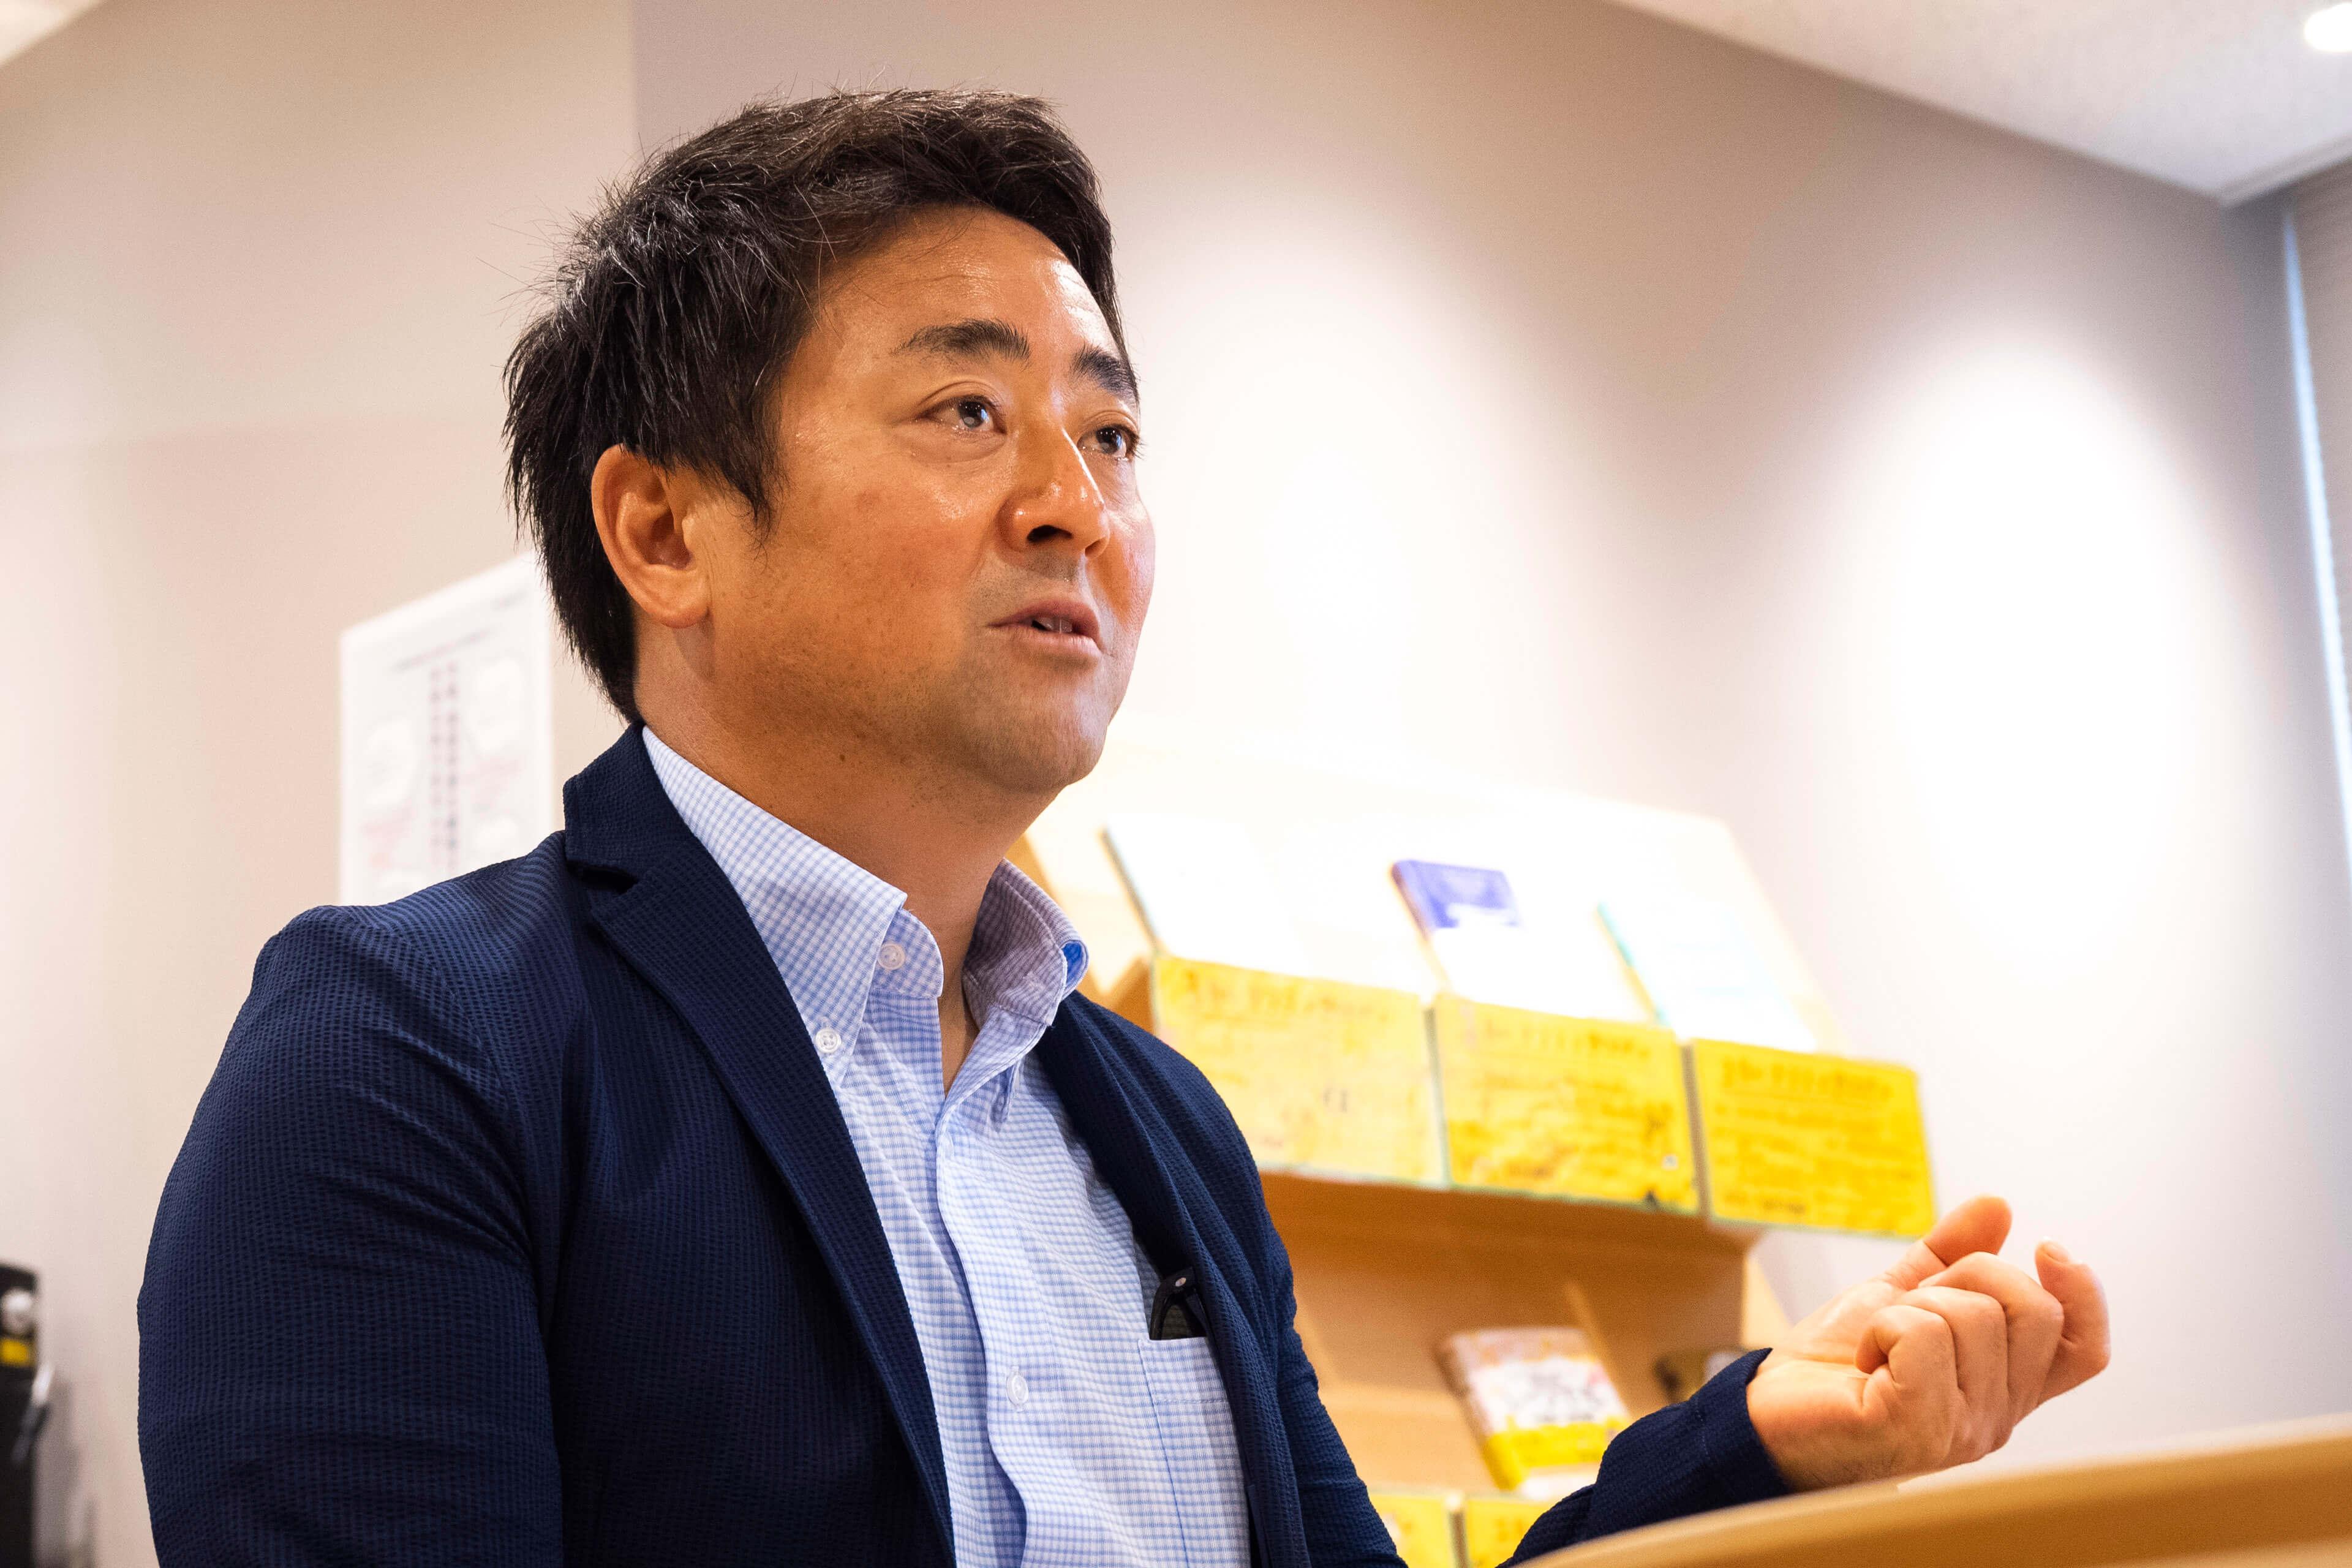 英語コーチング「トライズ」修了生プロキャディ杉澤伸章様 競技者・指導者に英語が必要な理由